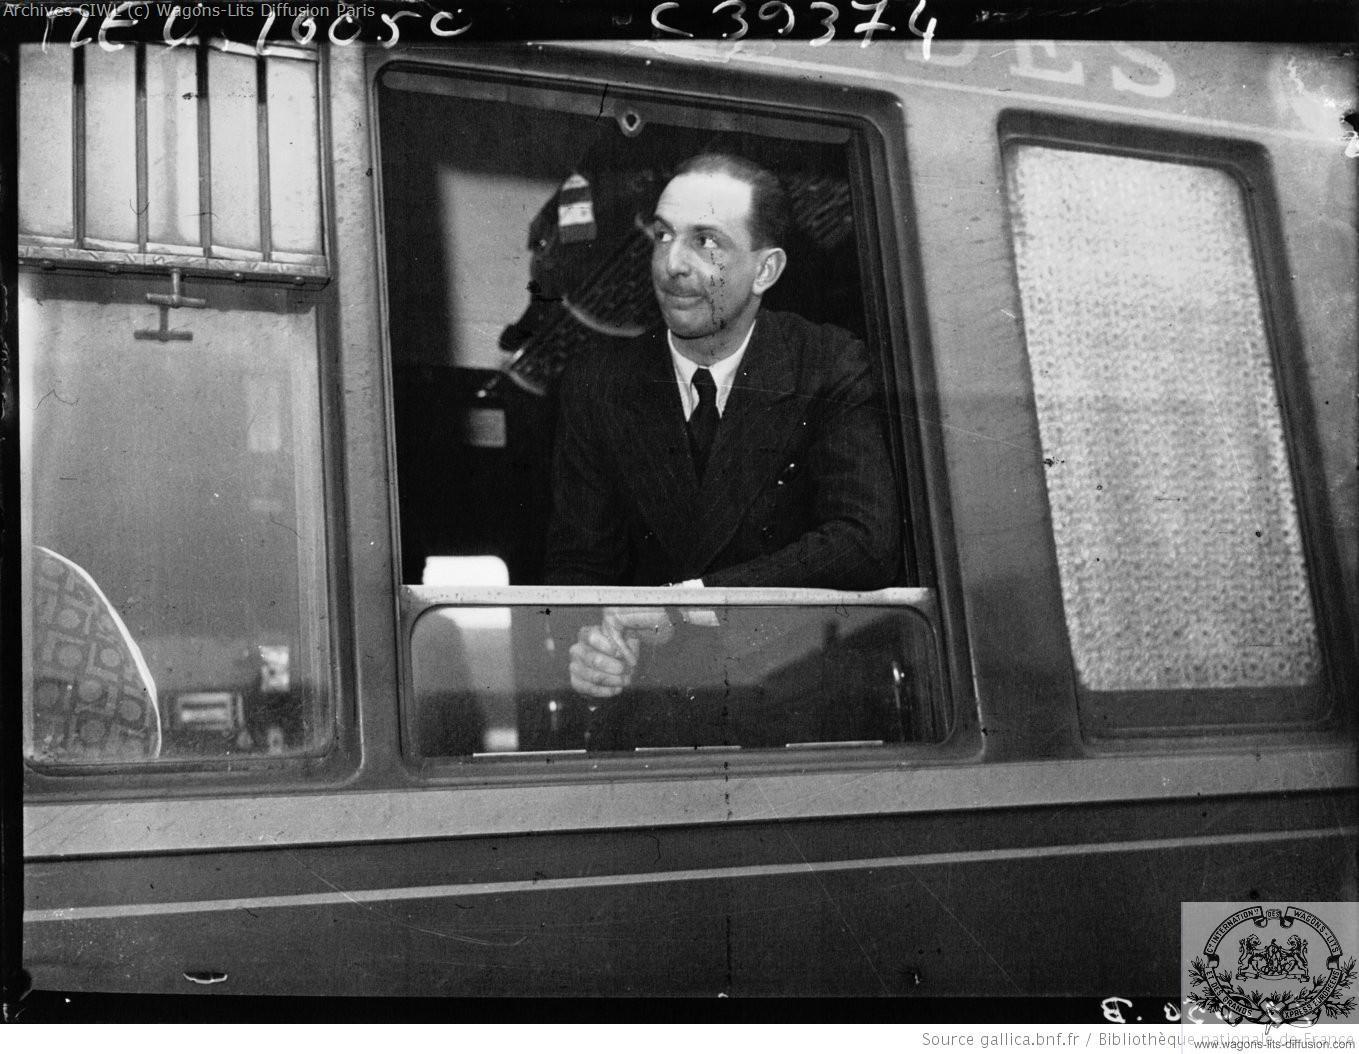 Wl prince paul de yougoslavie compartiment d un wl lx 1936